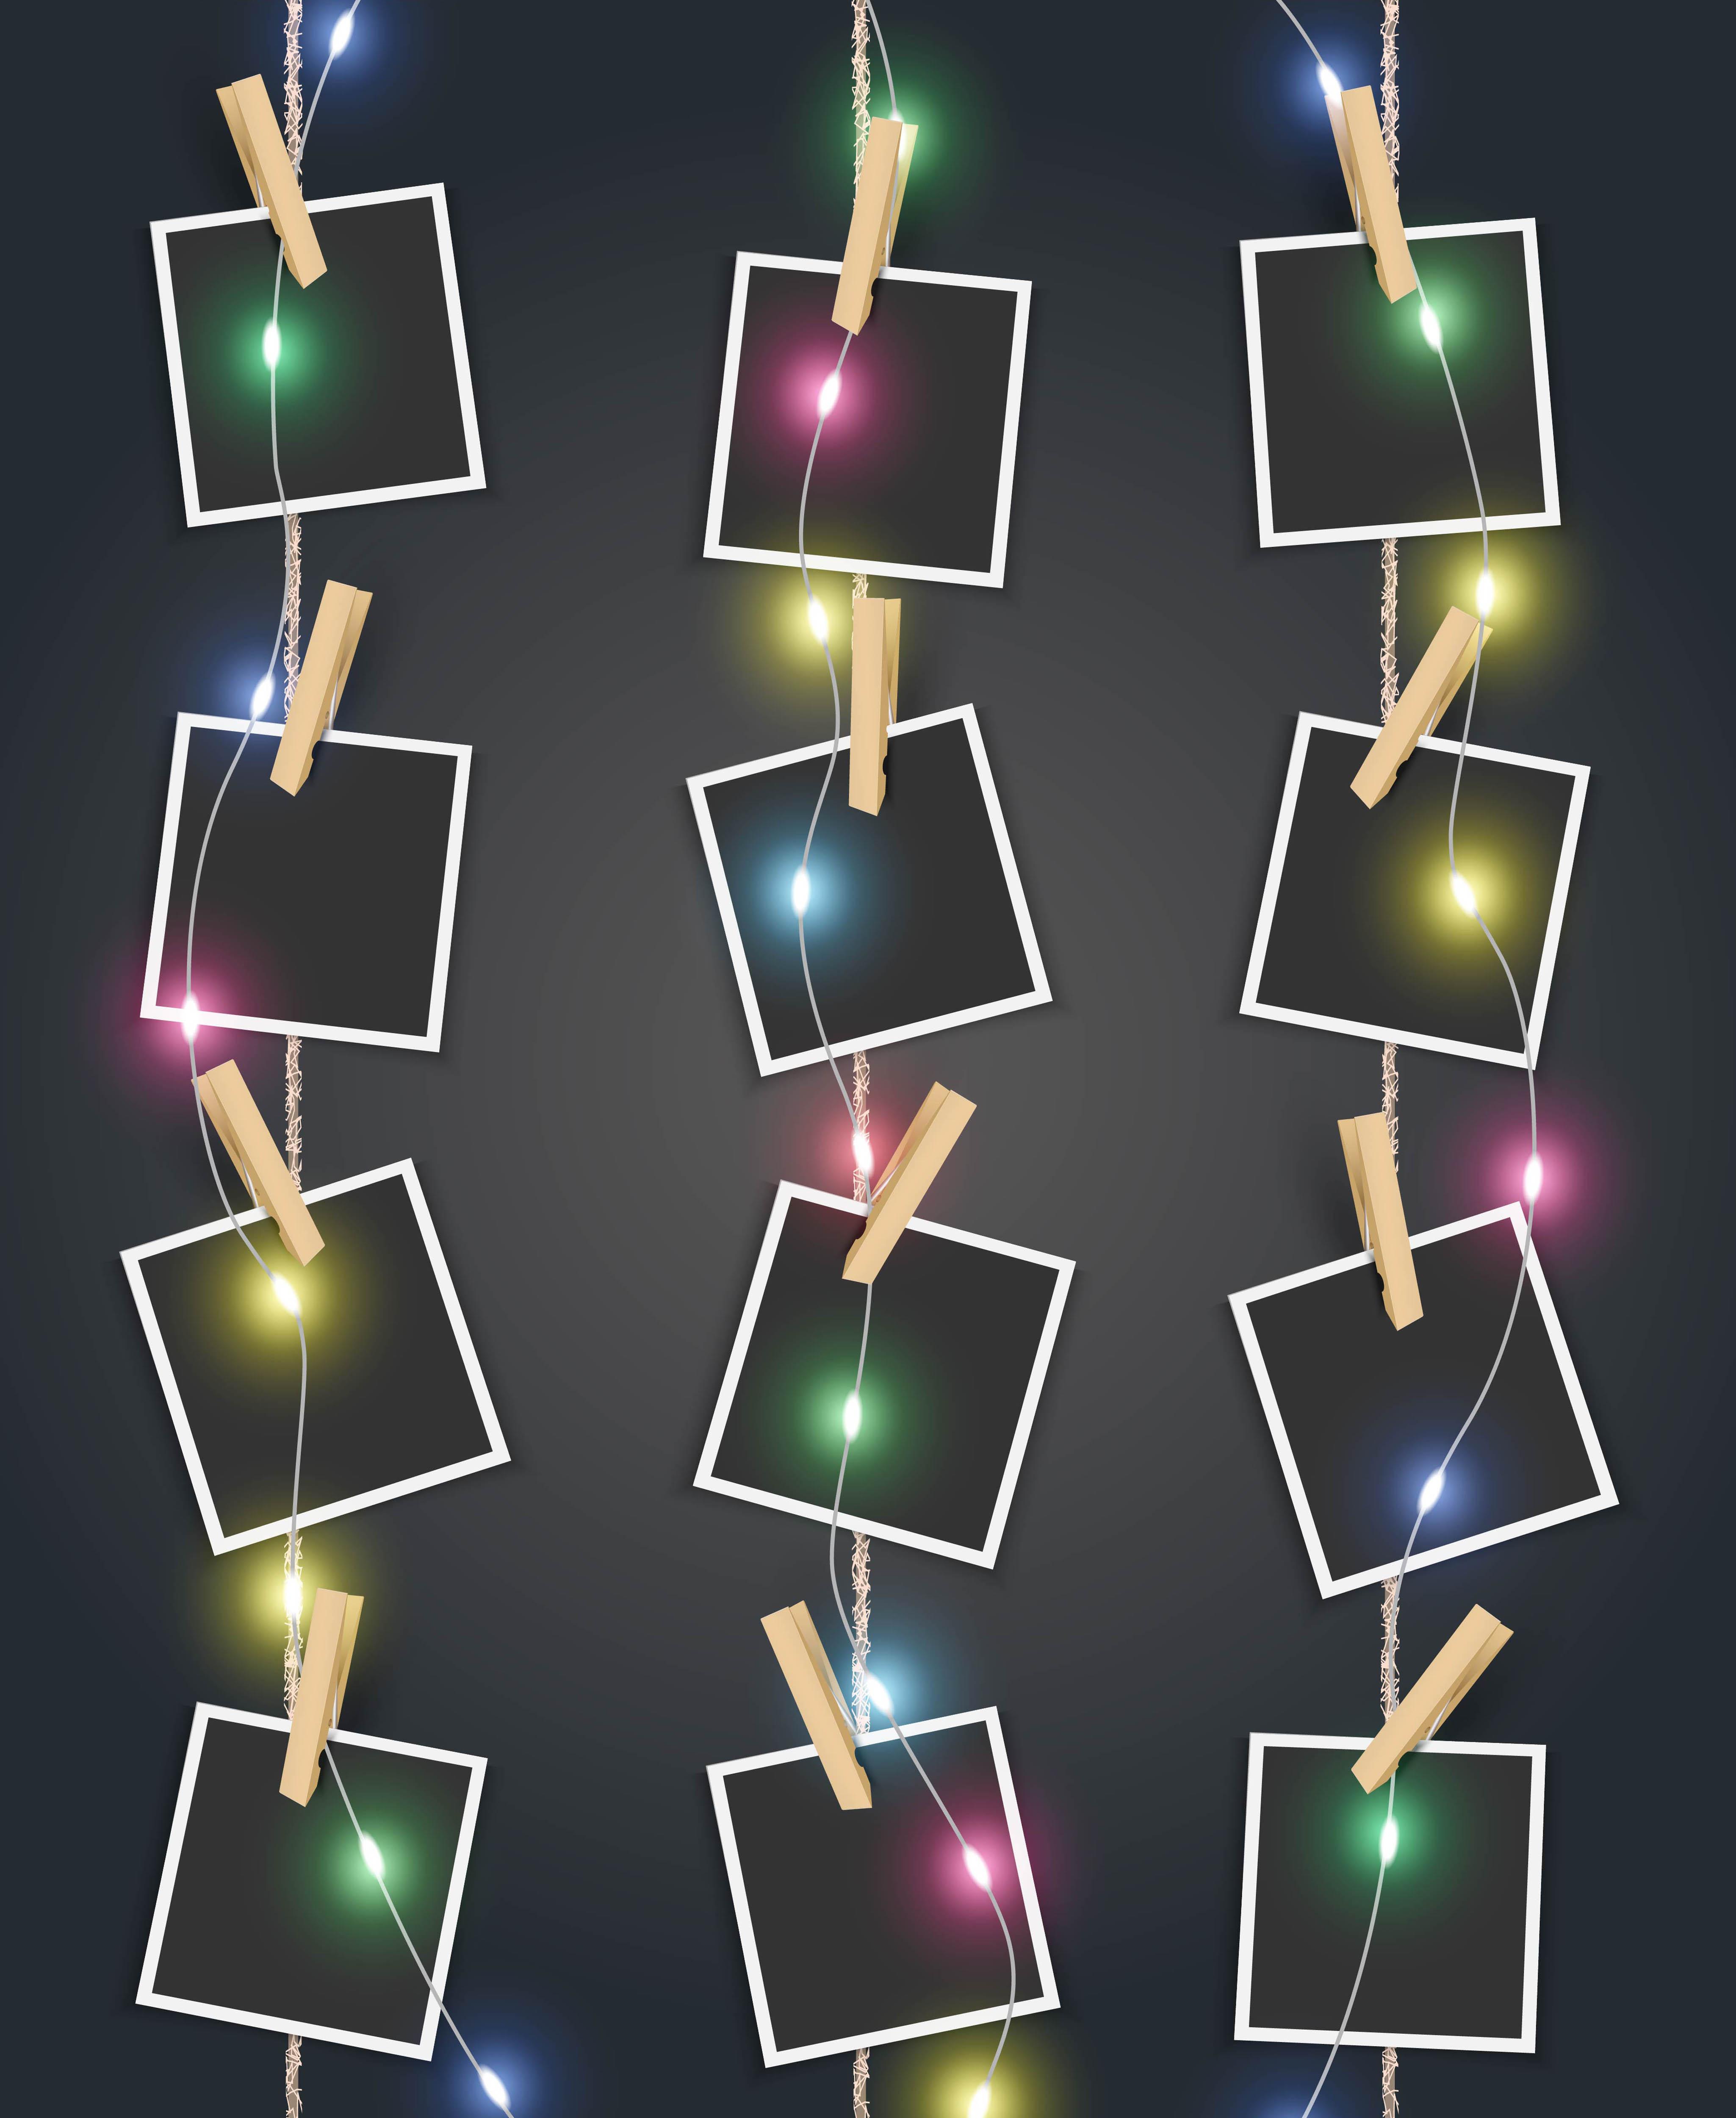 Идеи фоторамки своими руками со световым освещением